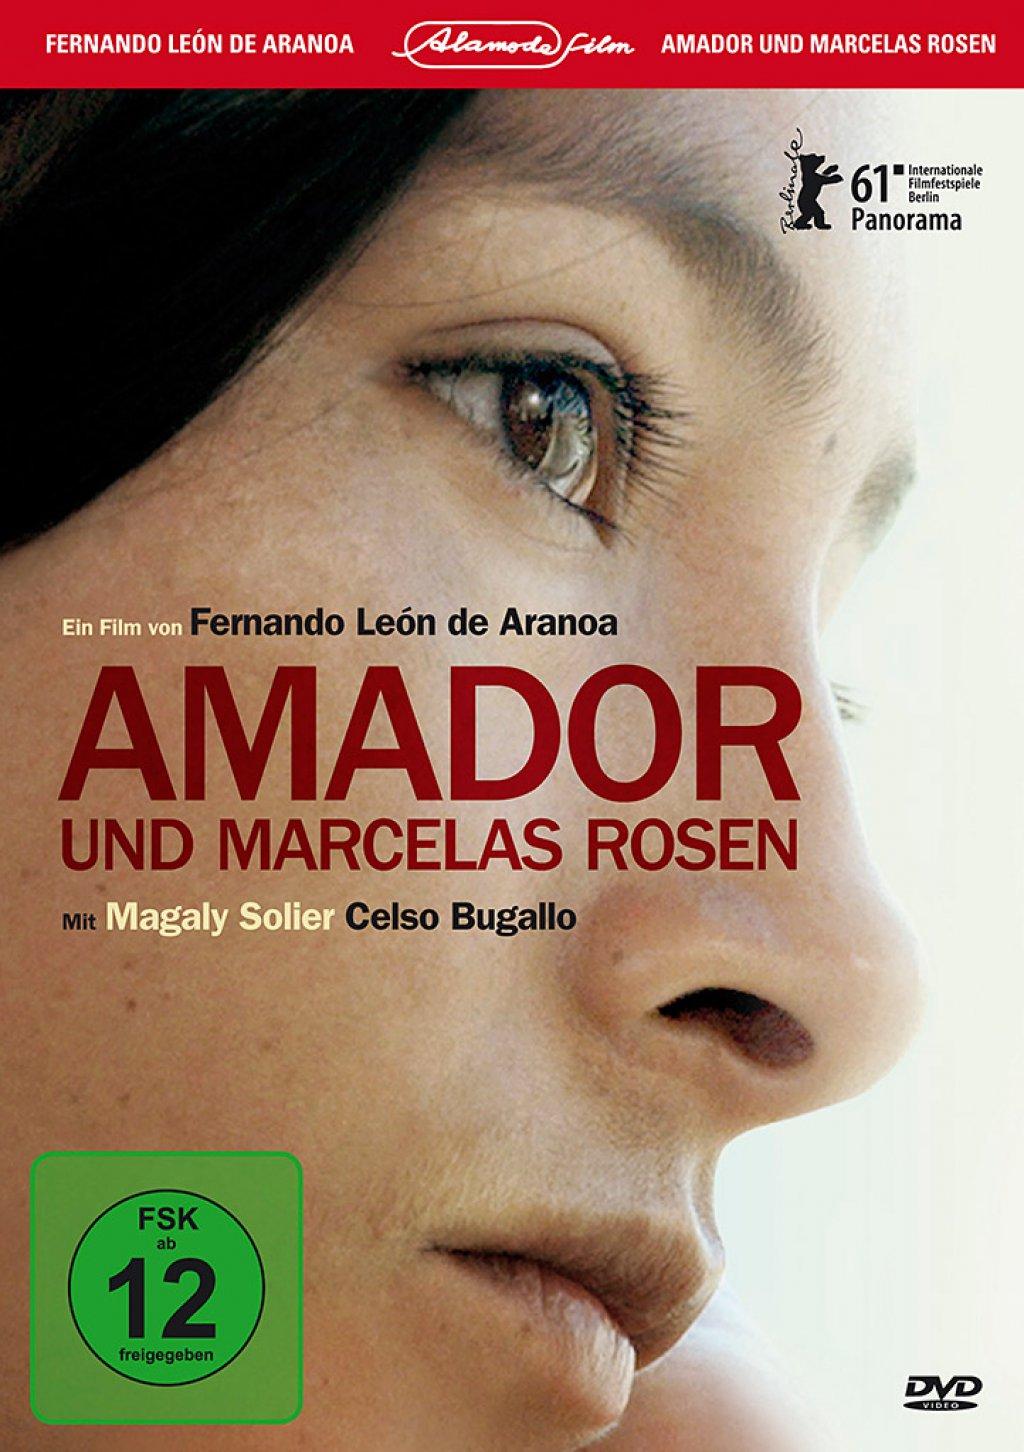 Amador und Marcelas Rosen (DVD)